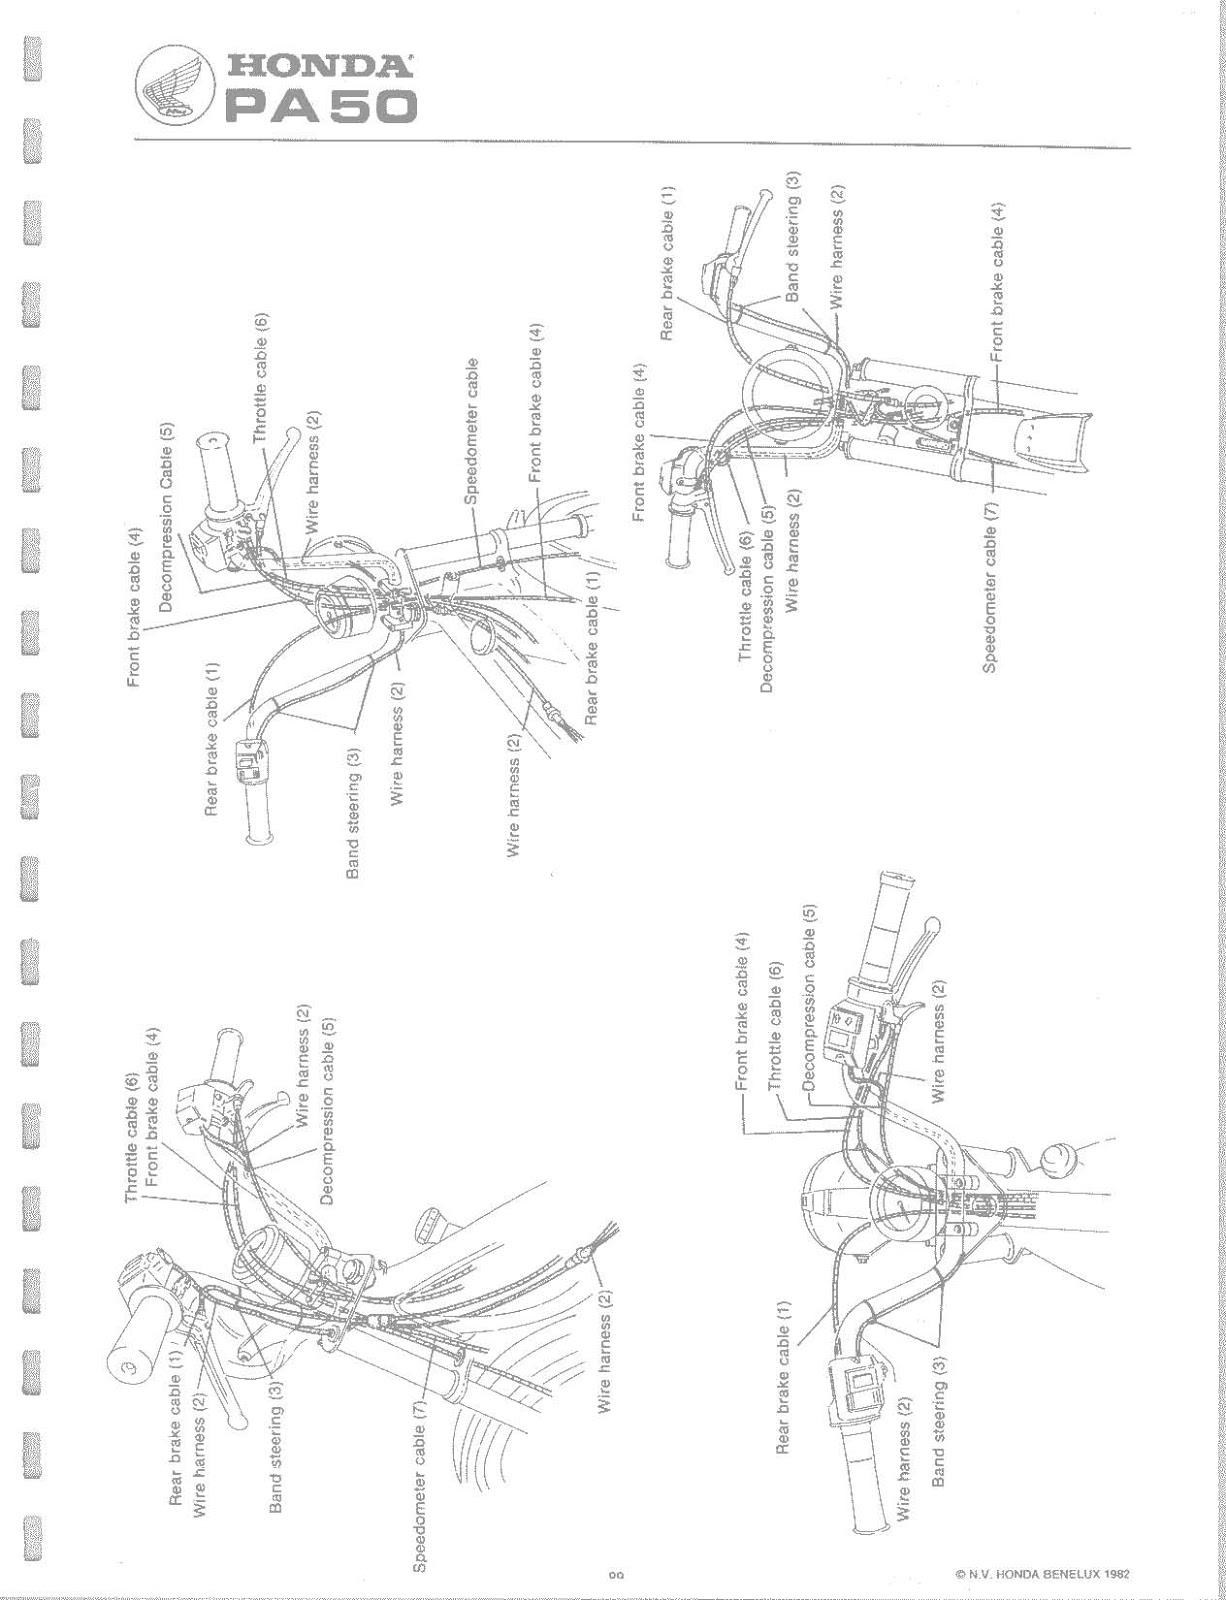 ob1 repairs honda pa50 service manual